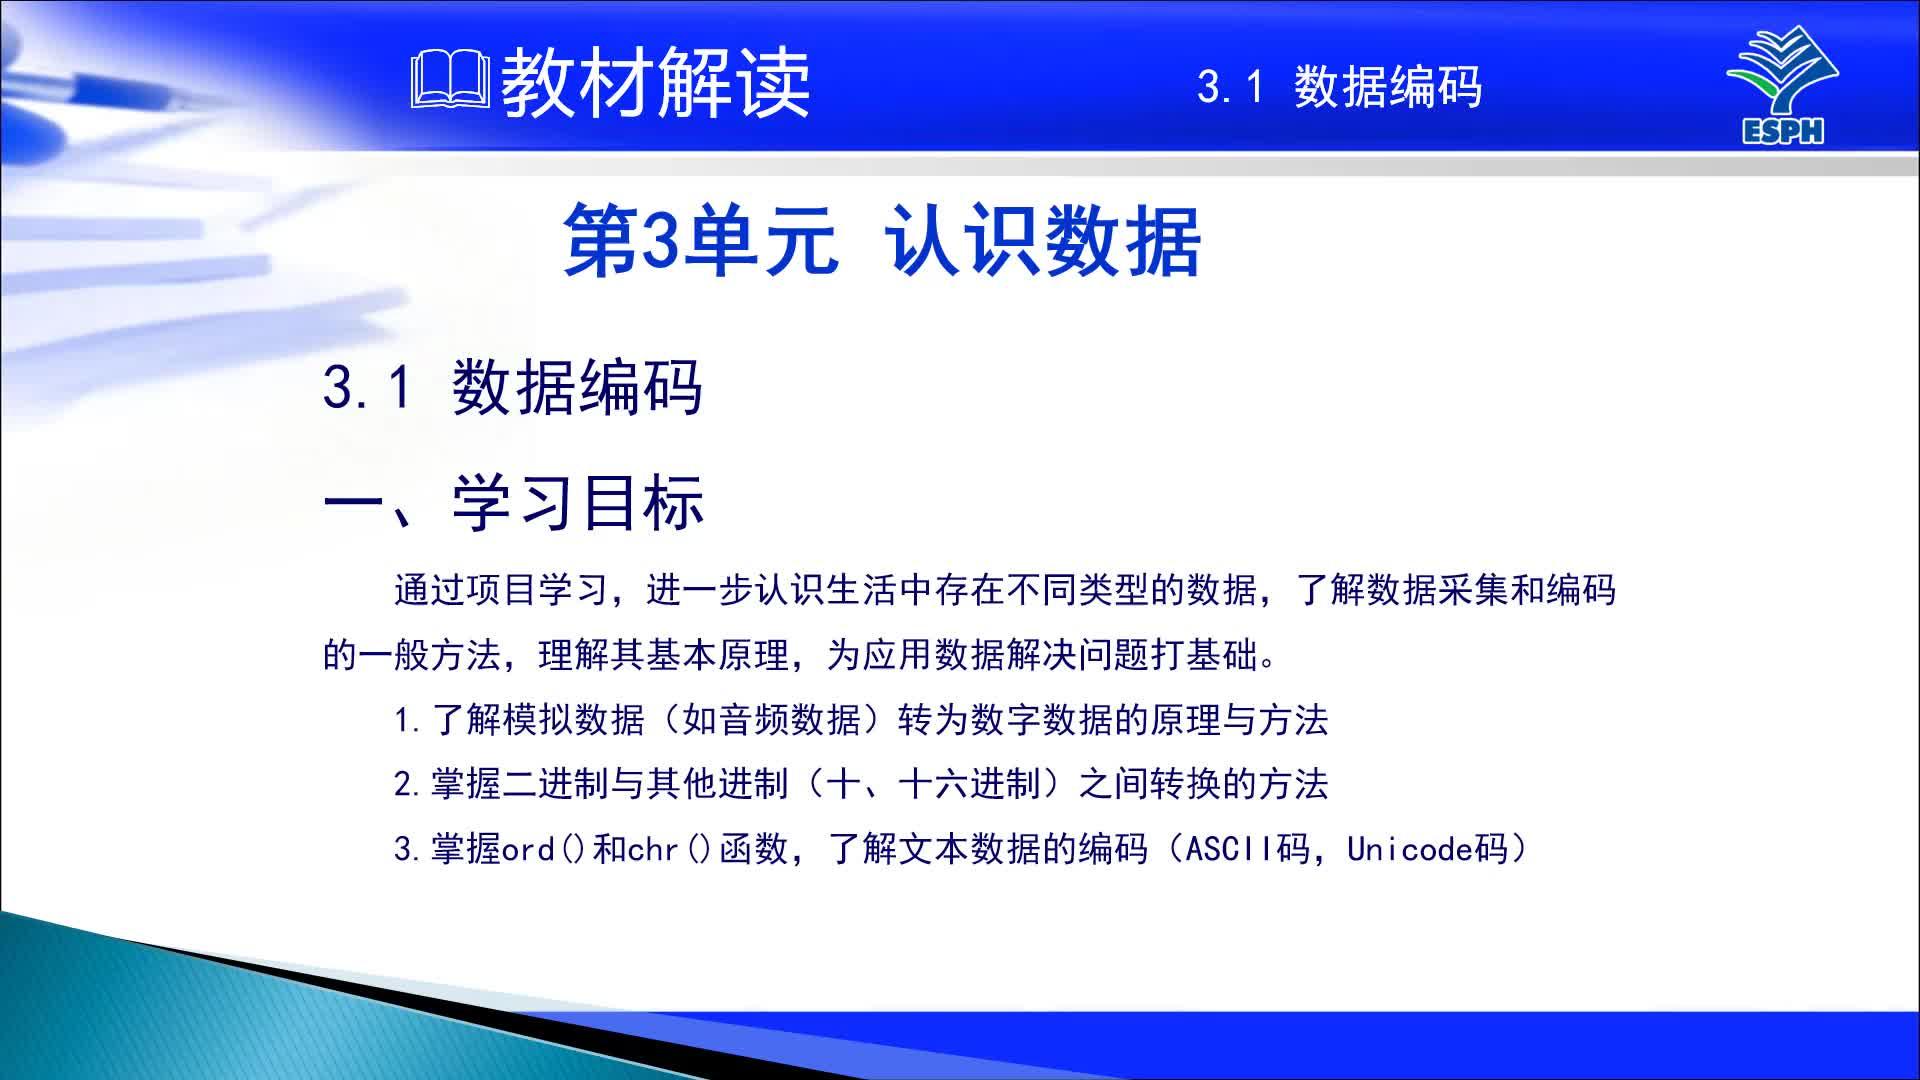 教科版 高一信息技术 必修1 第三单元 3.1 数据编码教材解读 微视频